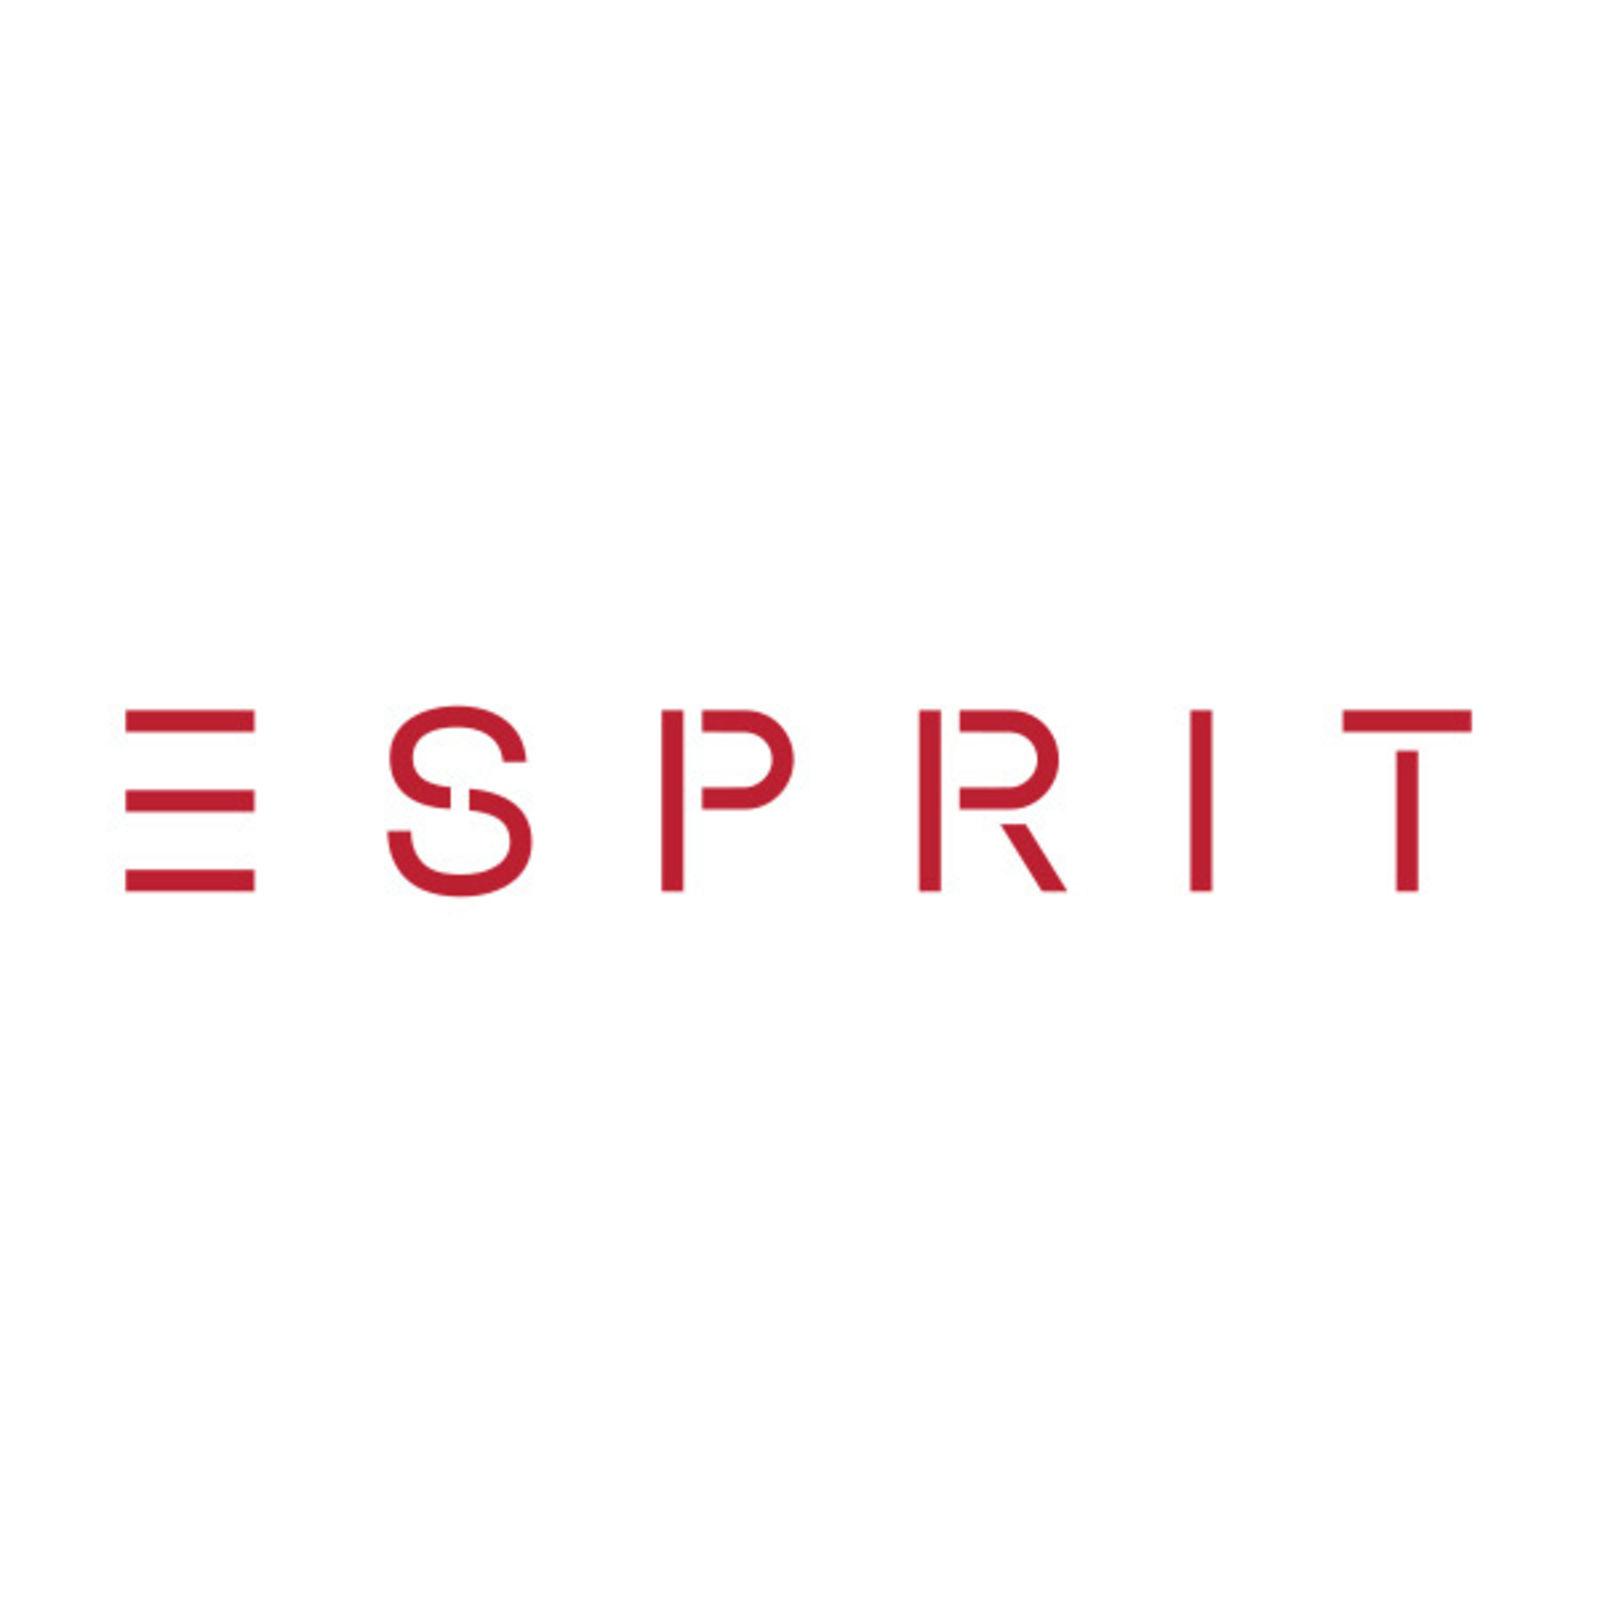 ESPRIT Sport (Image 1)